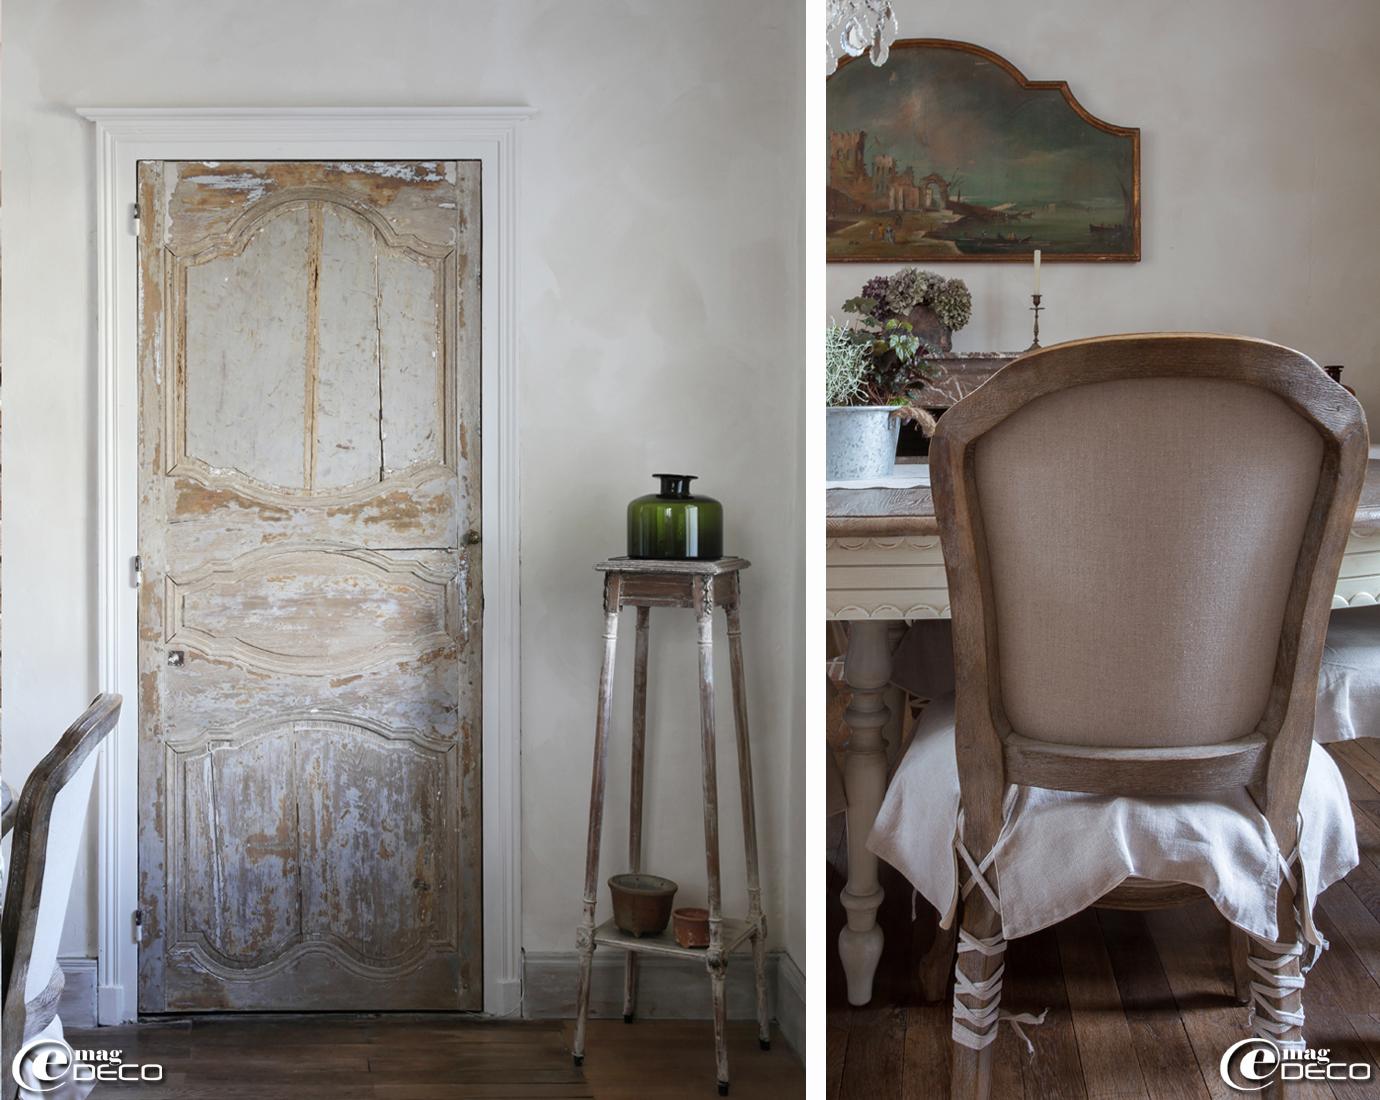 Sellette chinée au 'Marché Serpette' des Puces de Saint-Ouen, flacon de la boutique 'Blanc bleu' à Paris et chaise habillée de ruban à la manière d'une ballerine